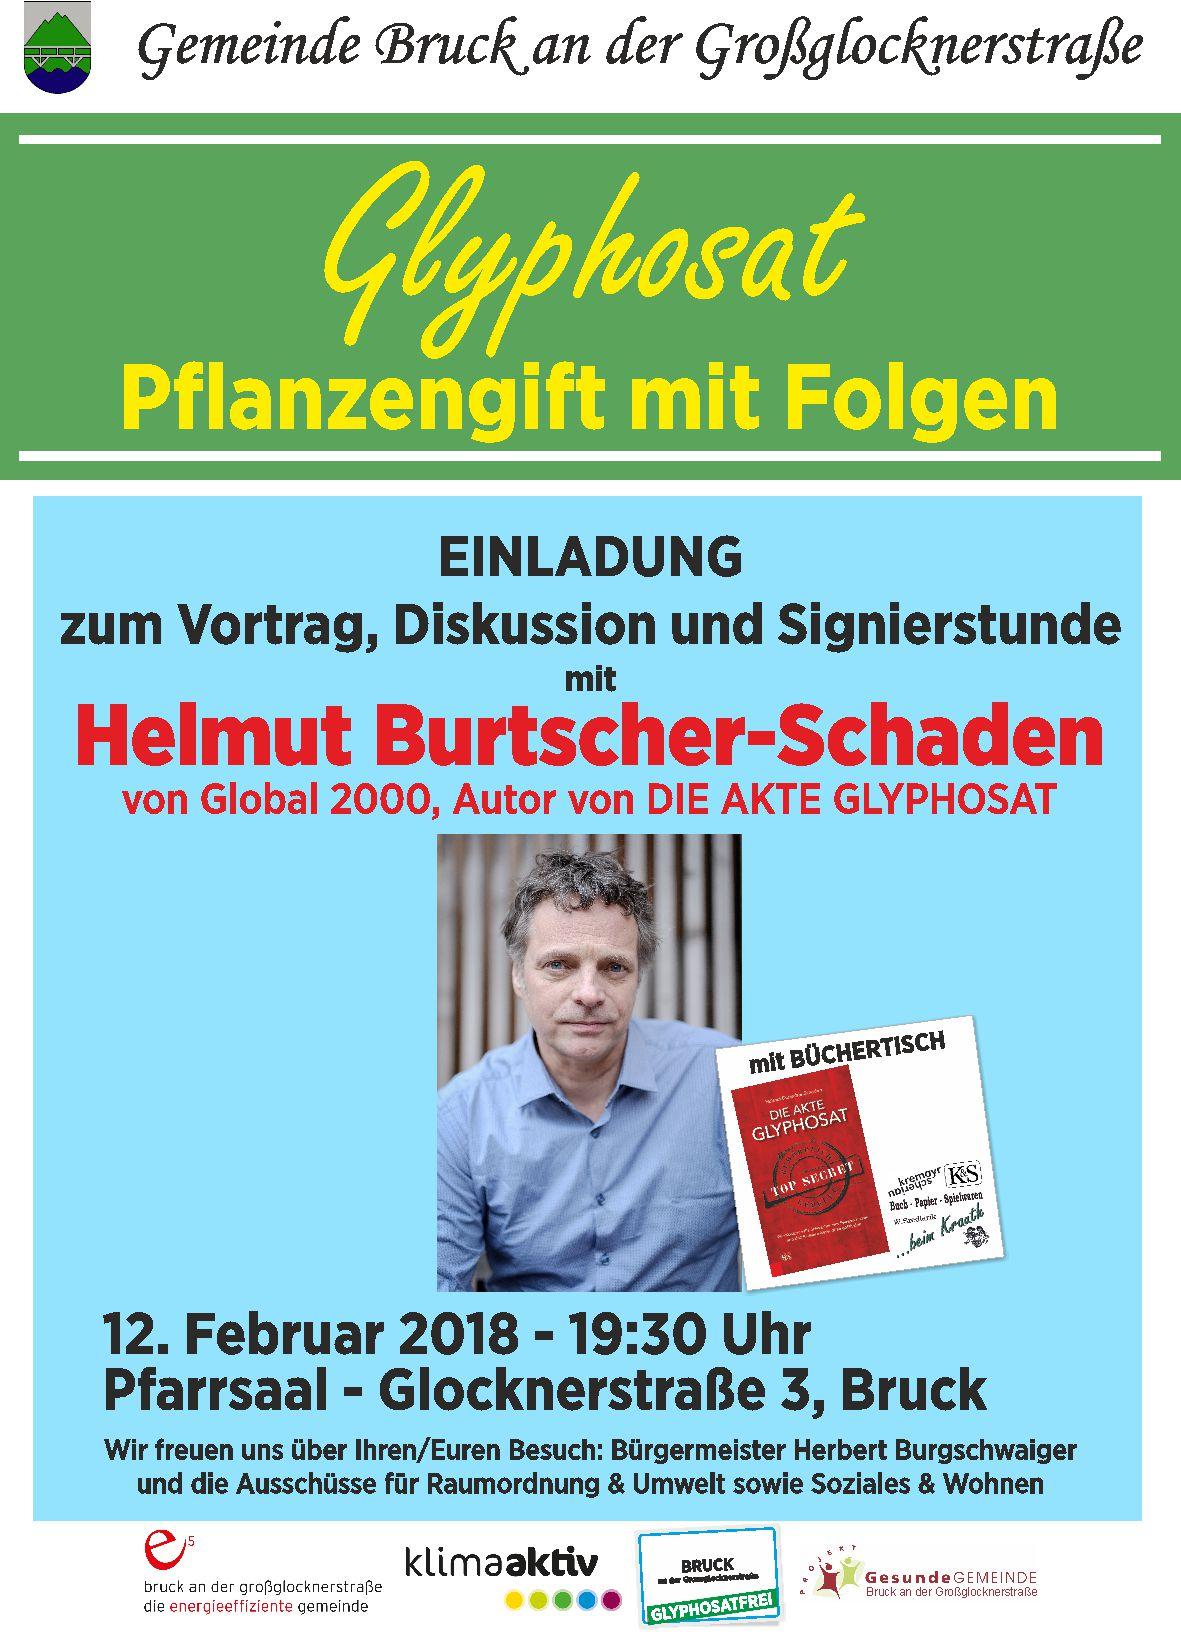 beim Krauth Büchertisch beim 12.2.2018 Vortrag Glyphosat in Bruck an der Glocknerstraße von Helmut Burtscher-Schaden